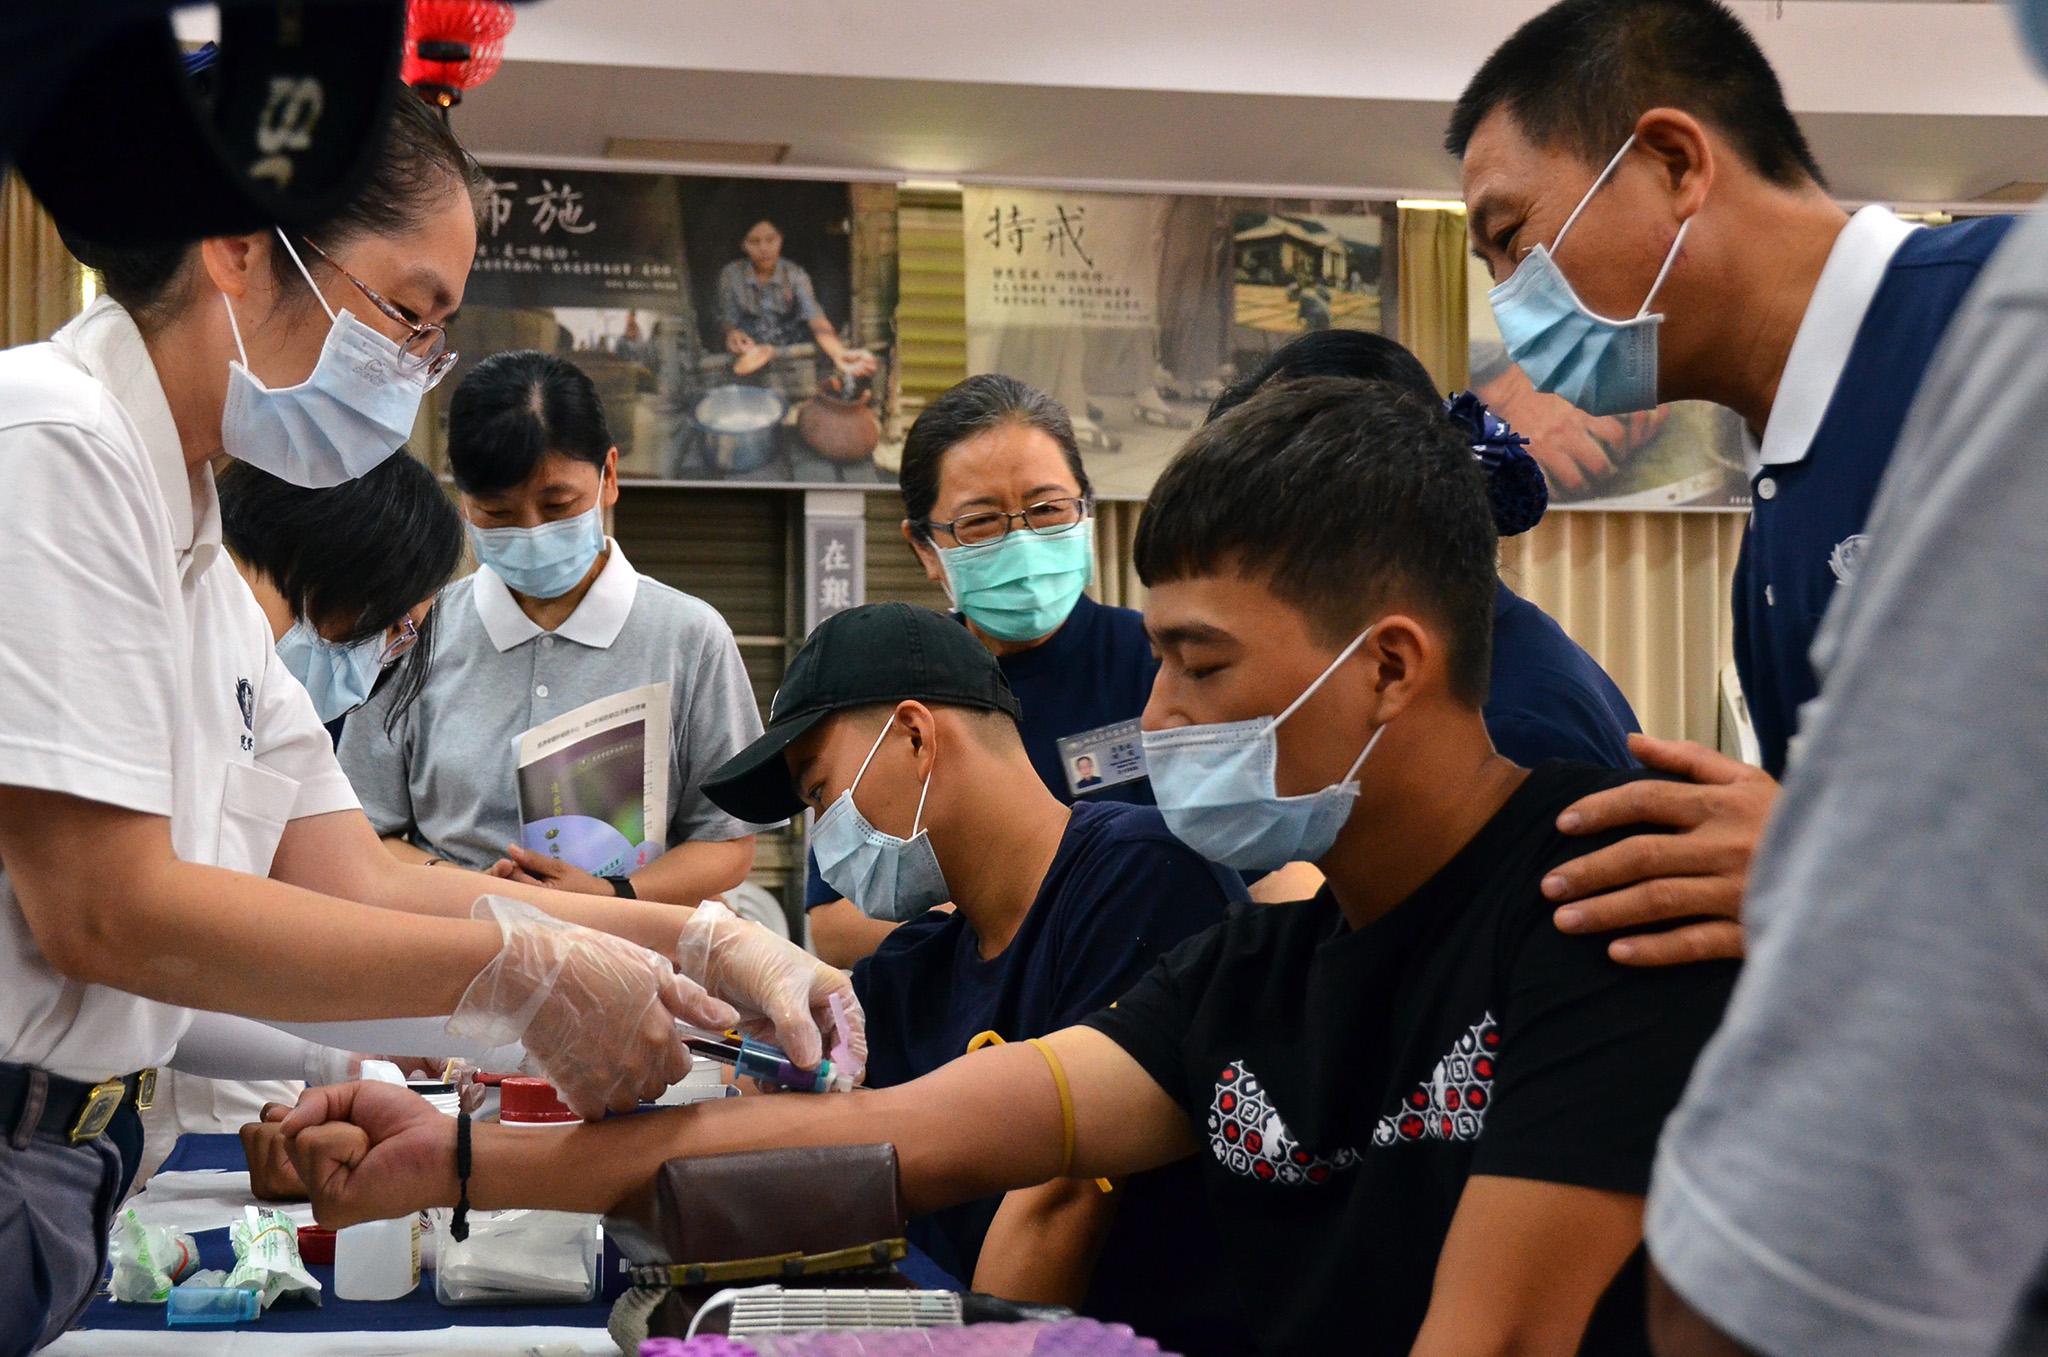 慈濟新營共修處出現一位位年輕的身影,他們把握因緣要成為「救人一命、無損己身」的骨髓幹細胞捐贈驗血建檔者。